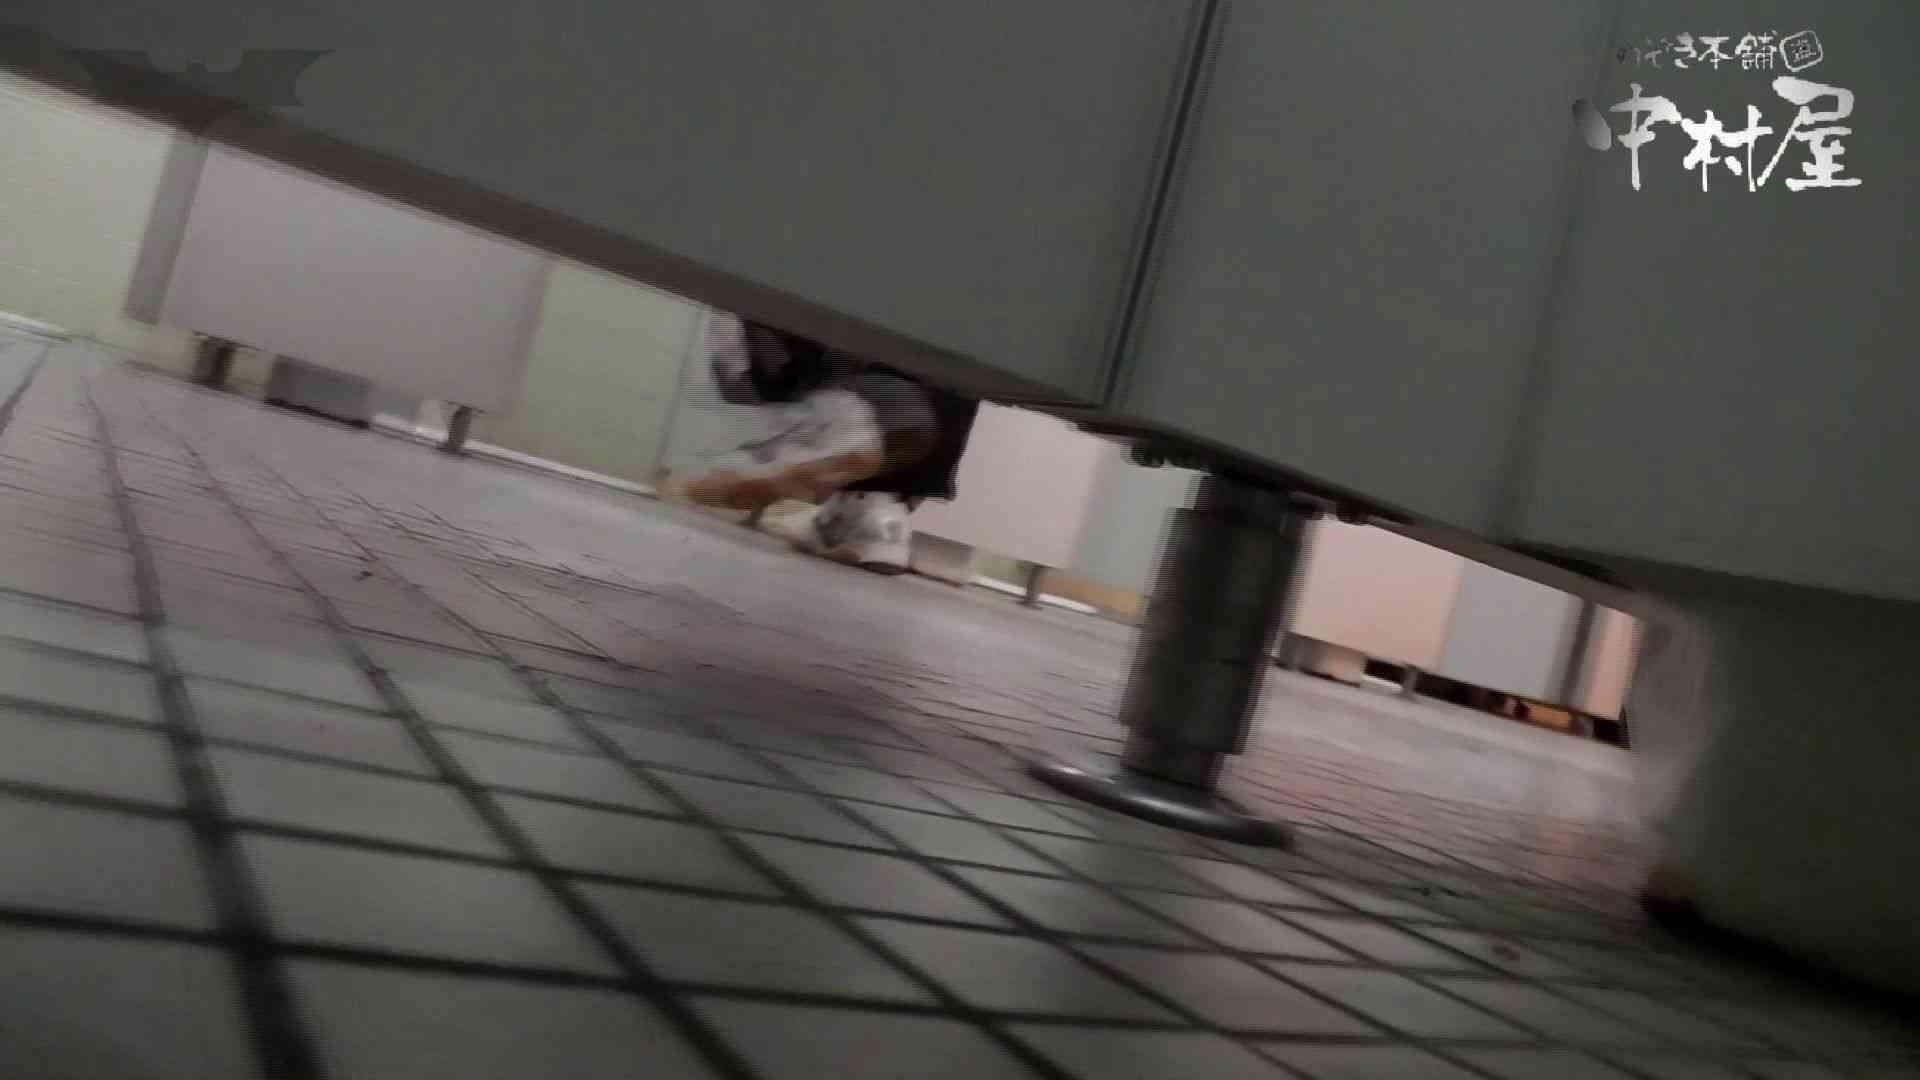 第三体育館潜入撮】第三体育館潜入撮File028 熟女特集!! 盗撮  96PICs 32